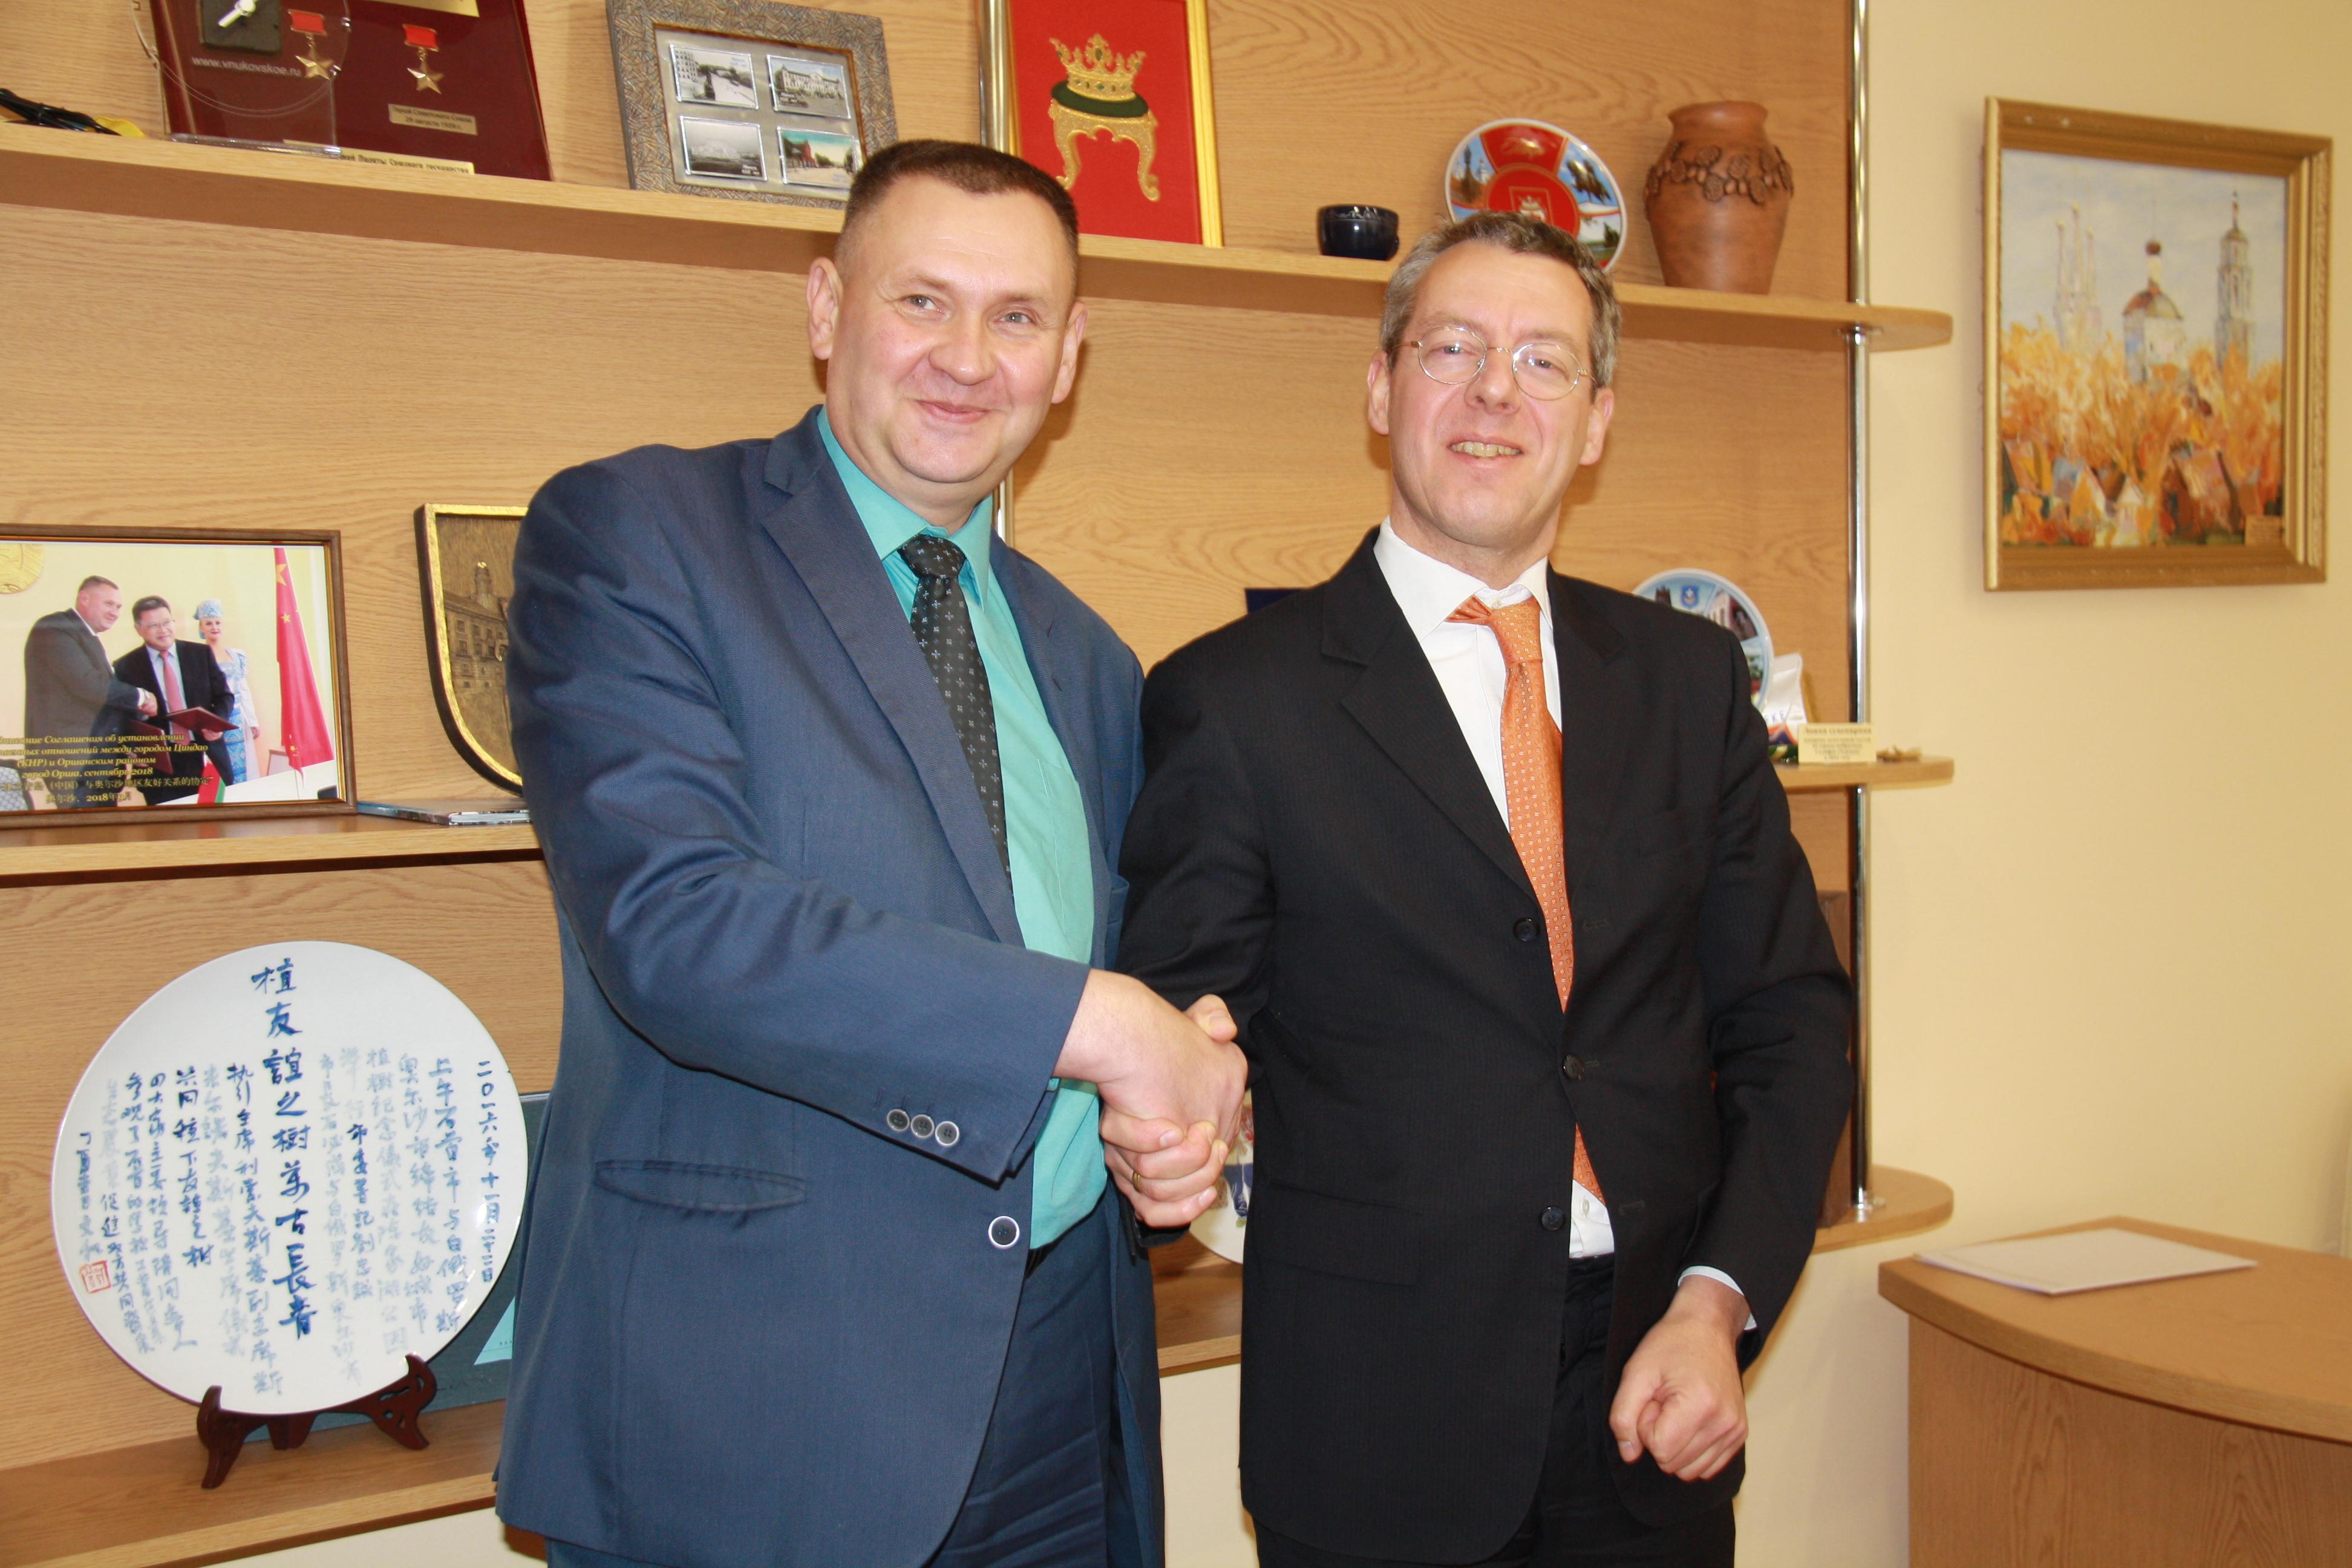 В Оршу с деловым визитом приехал гость из Нидерландов